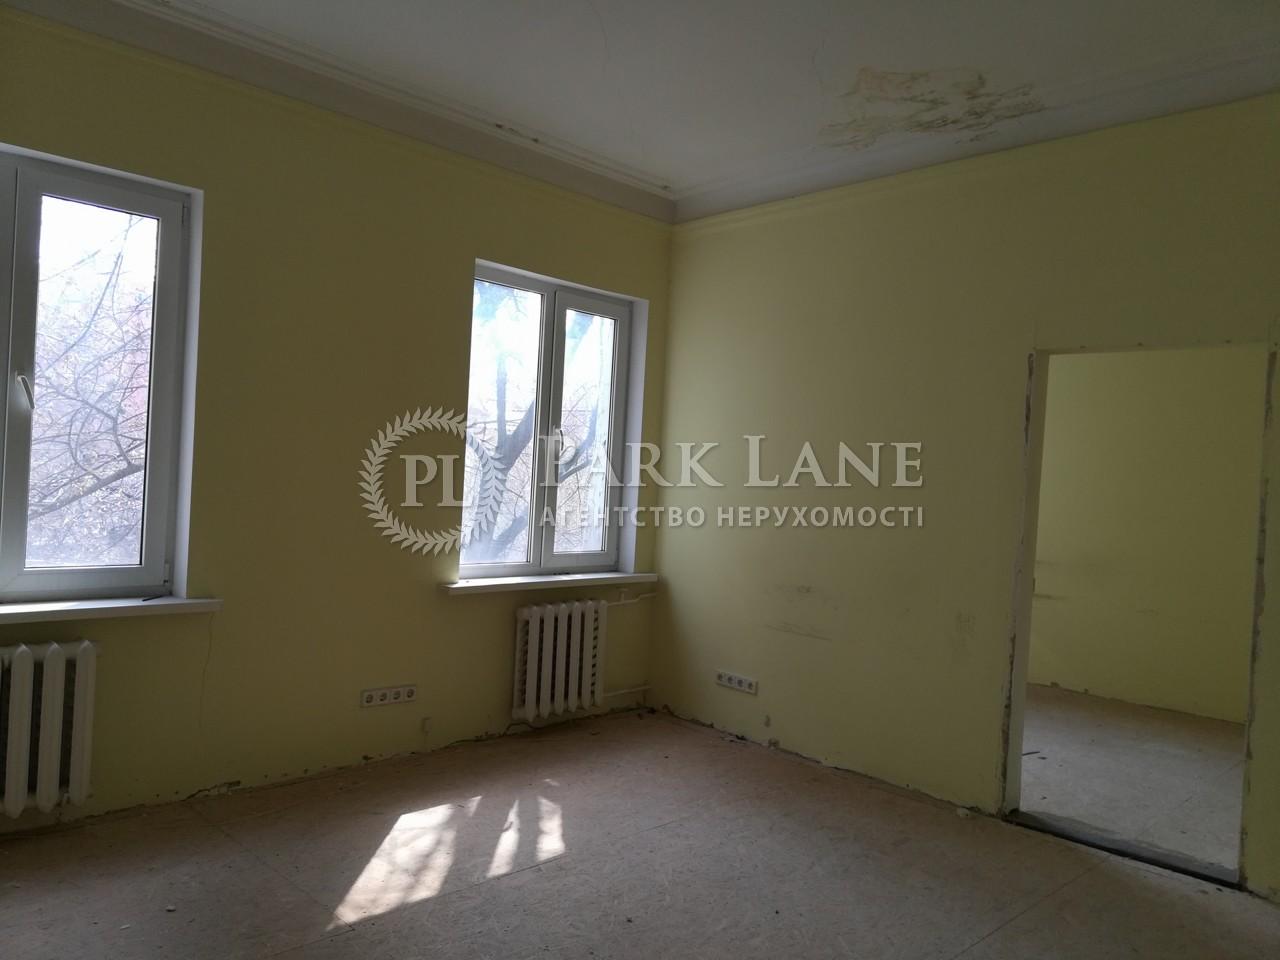 Нежилое помещение, ул. Дмитриевская, Киев, K-27702 - Фото 5